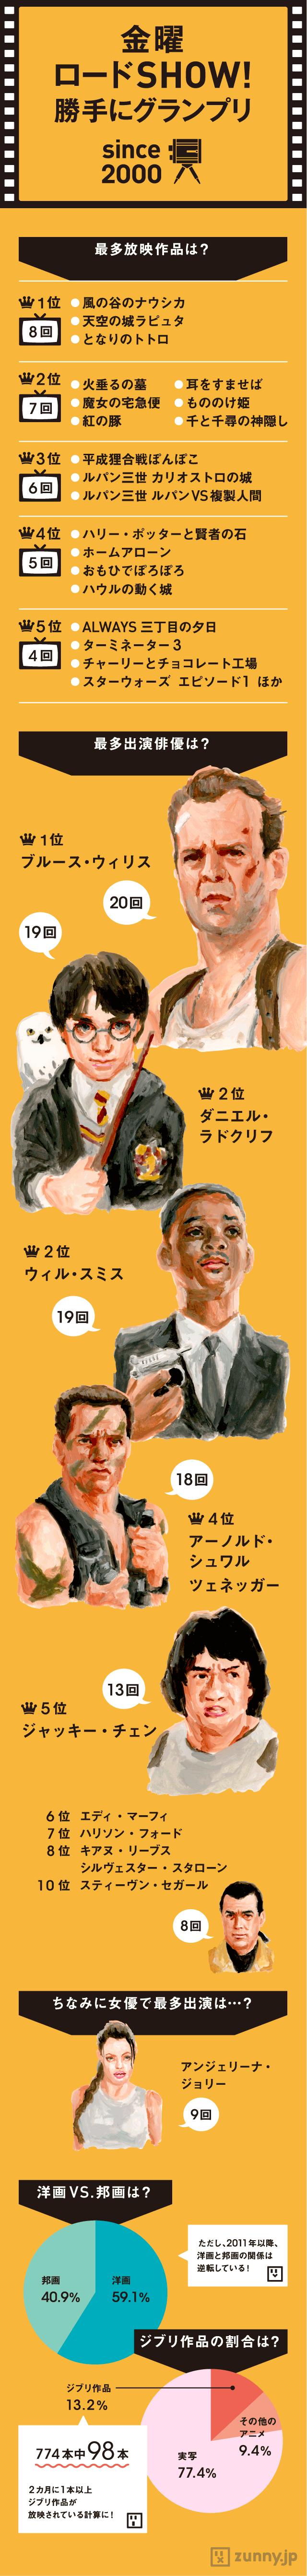 ZUNNY024